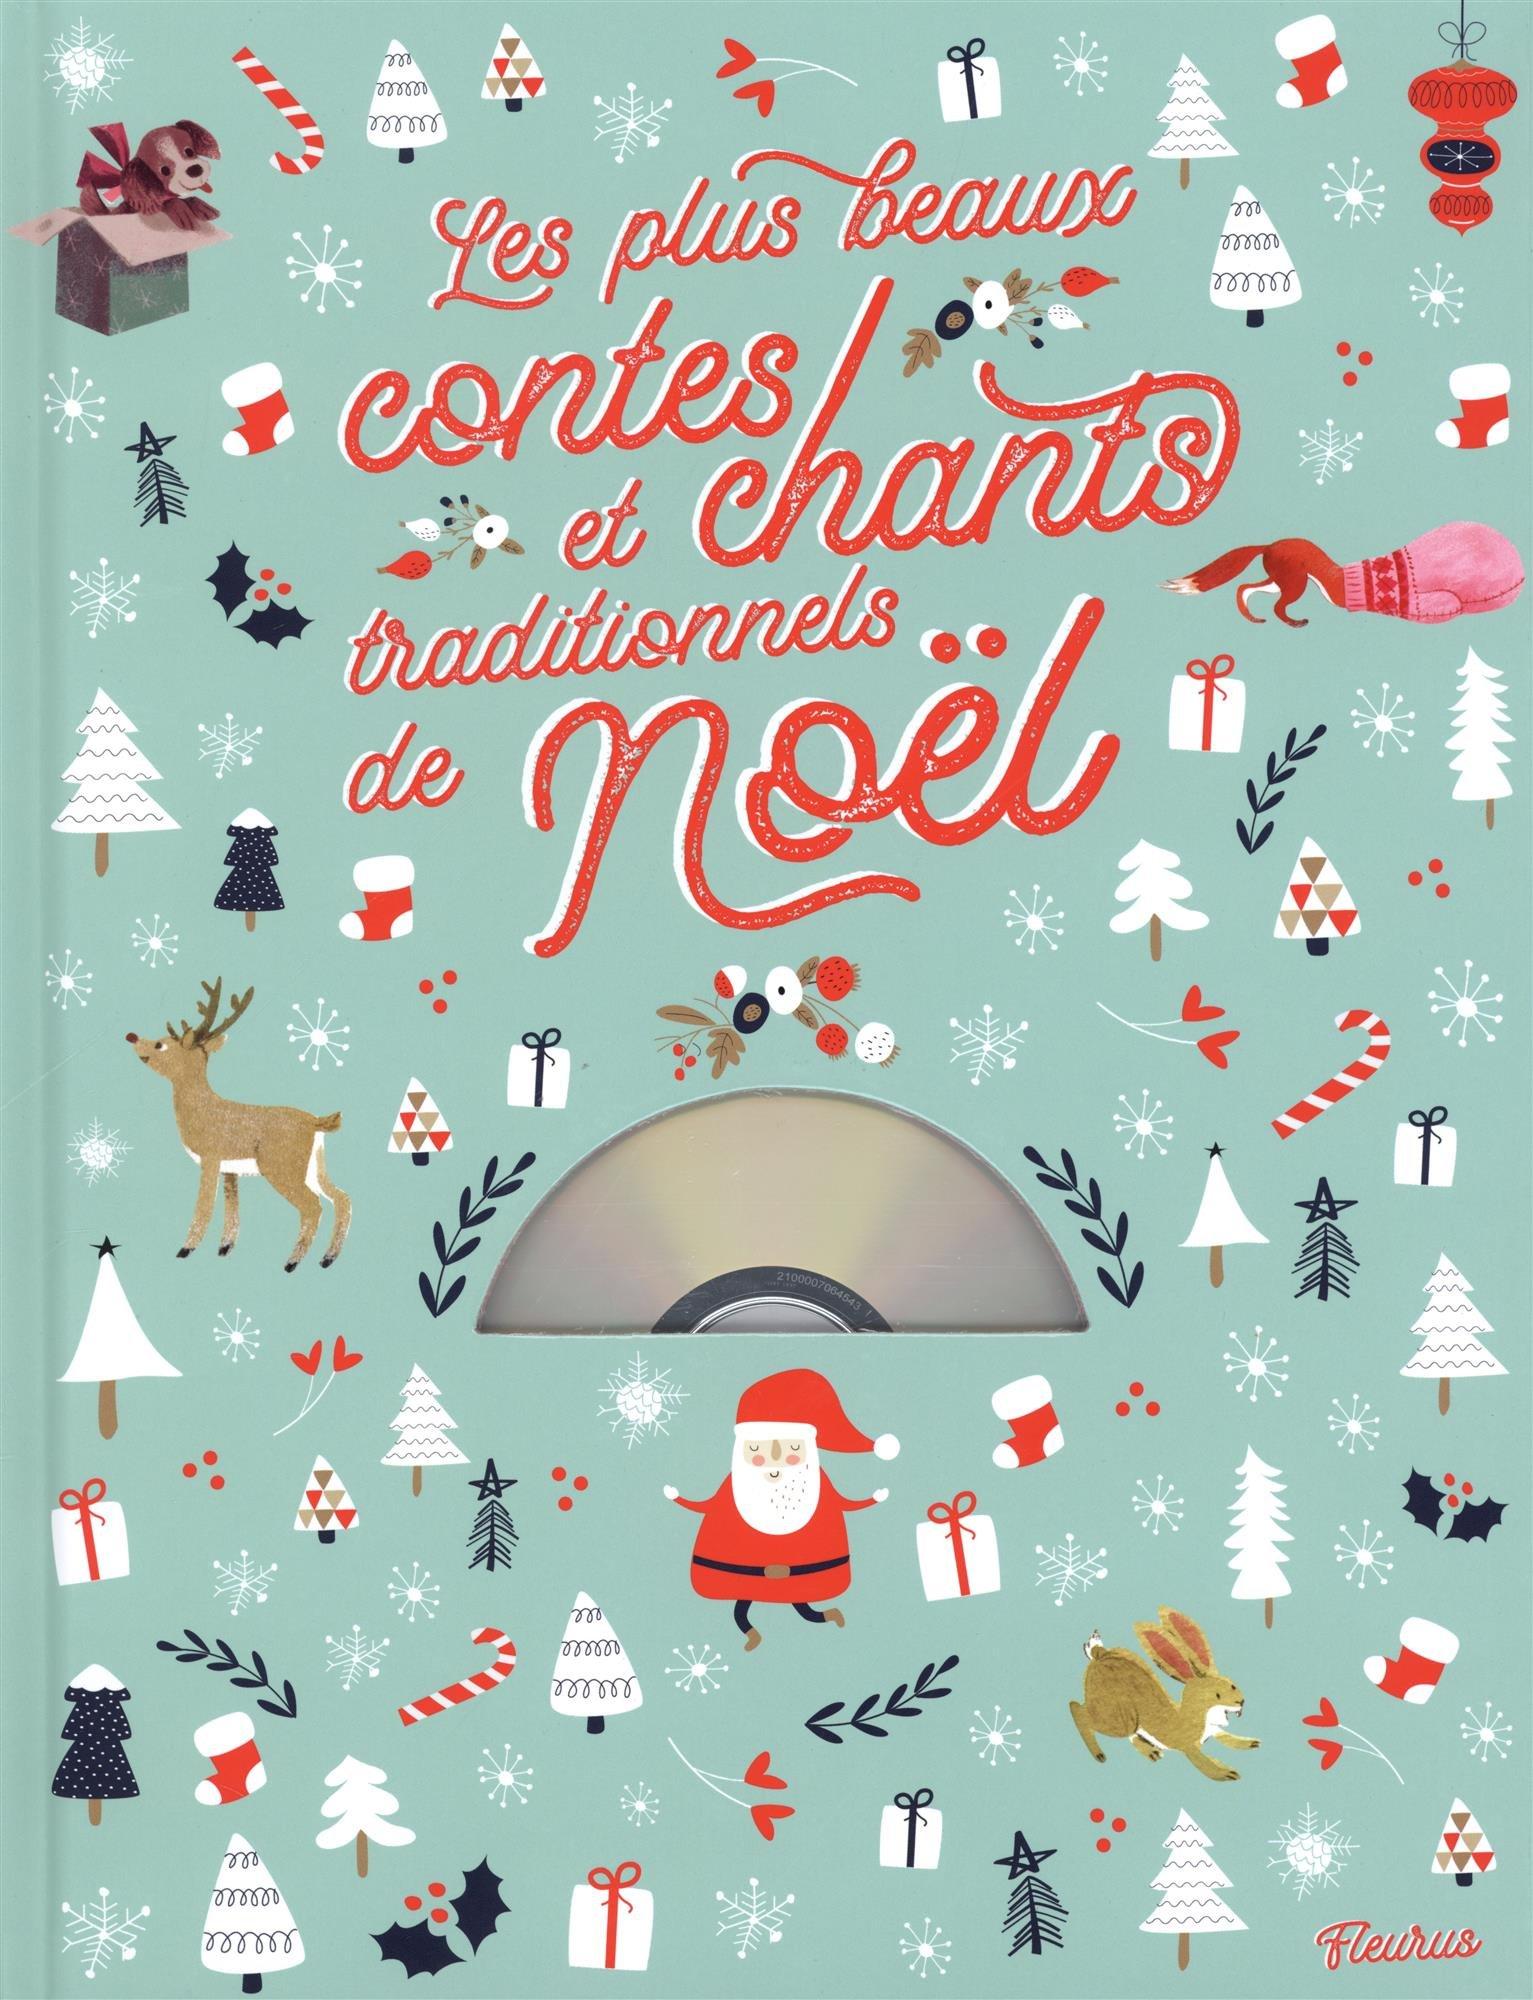 Les Plus Beaux Chants De Noel : beaux, chants, Children's, Books, Beaux, Contes, Chants, Traditionnels, Noël